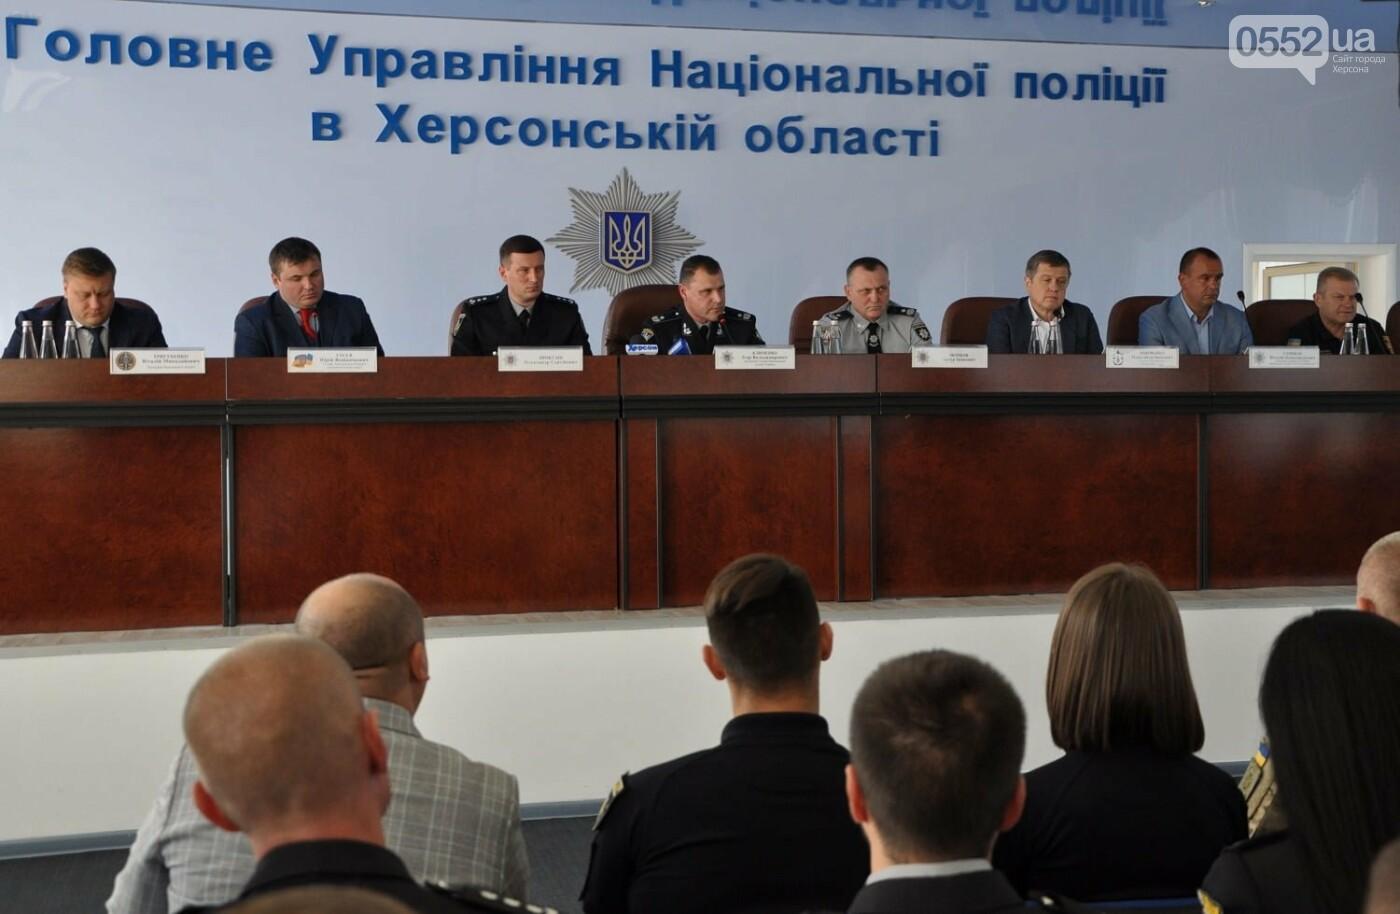 В Херсонской области новый начальник Главного управления Национальной полиции, фото-4